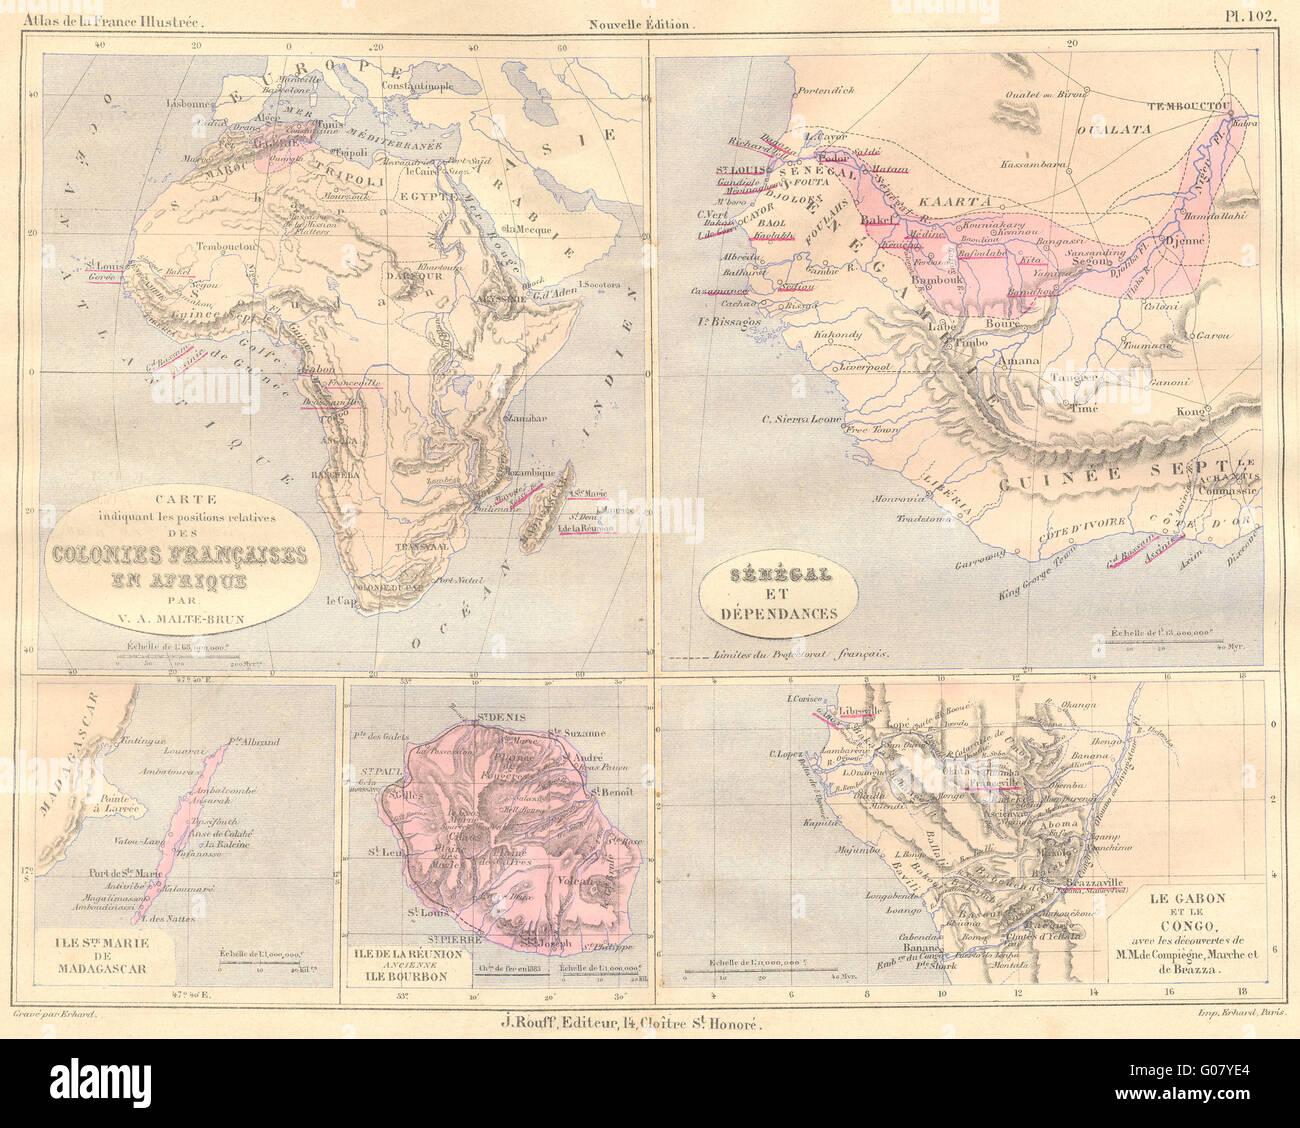 Afrique Sénégal Sainte Marie Madagascar La Réunion 1884 Carte